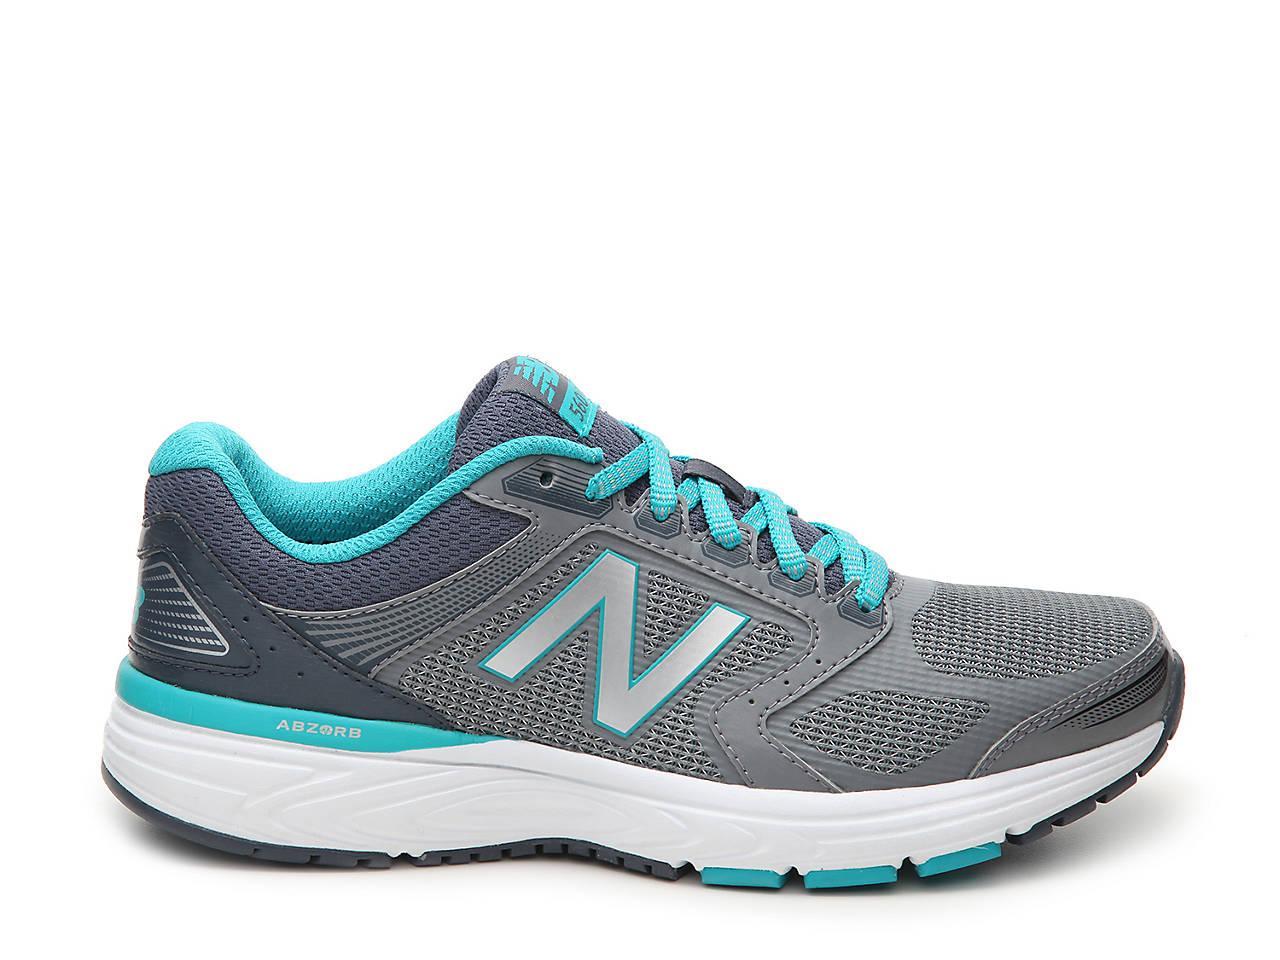 dd278bef2b3e New Balance 560 V7 Running Shoe - Women s Women s Shoes